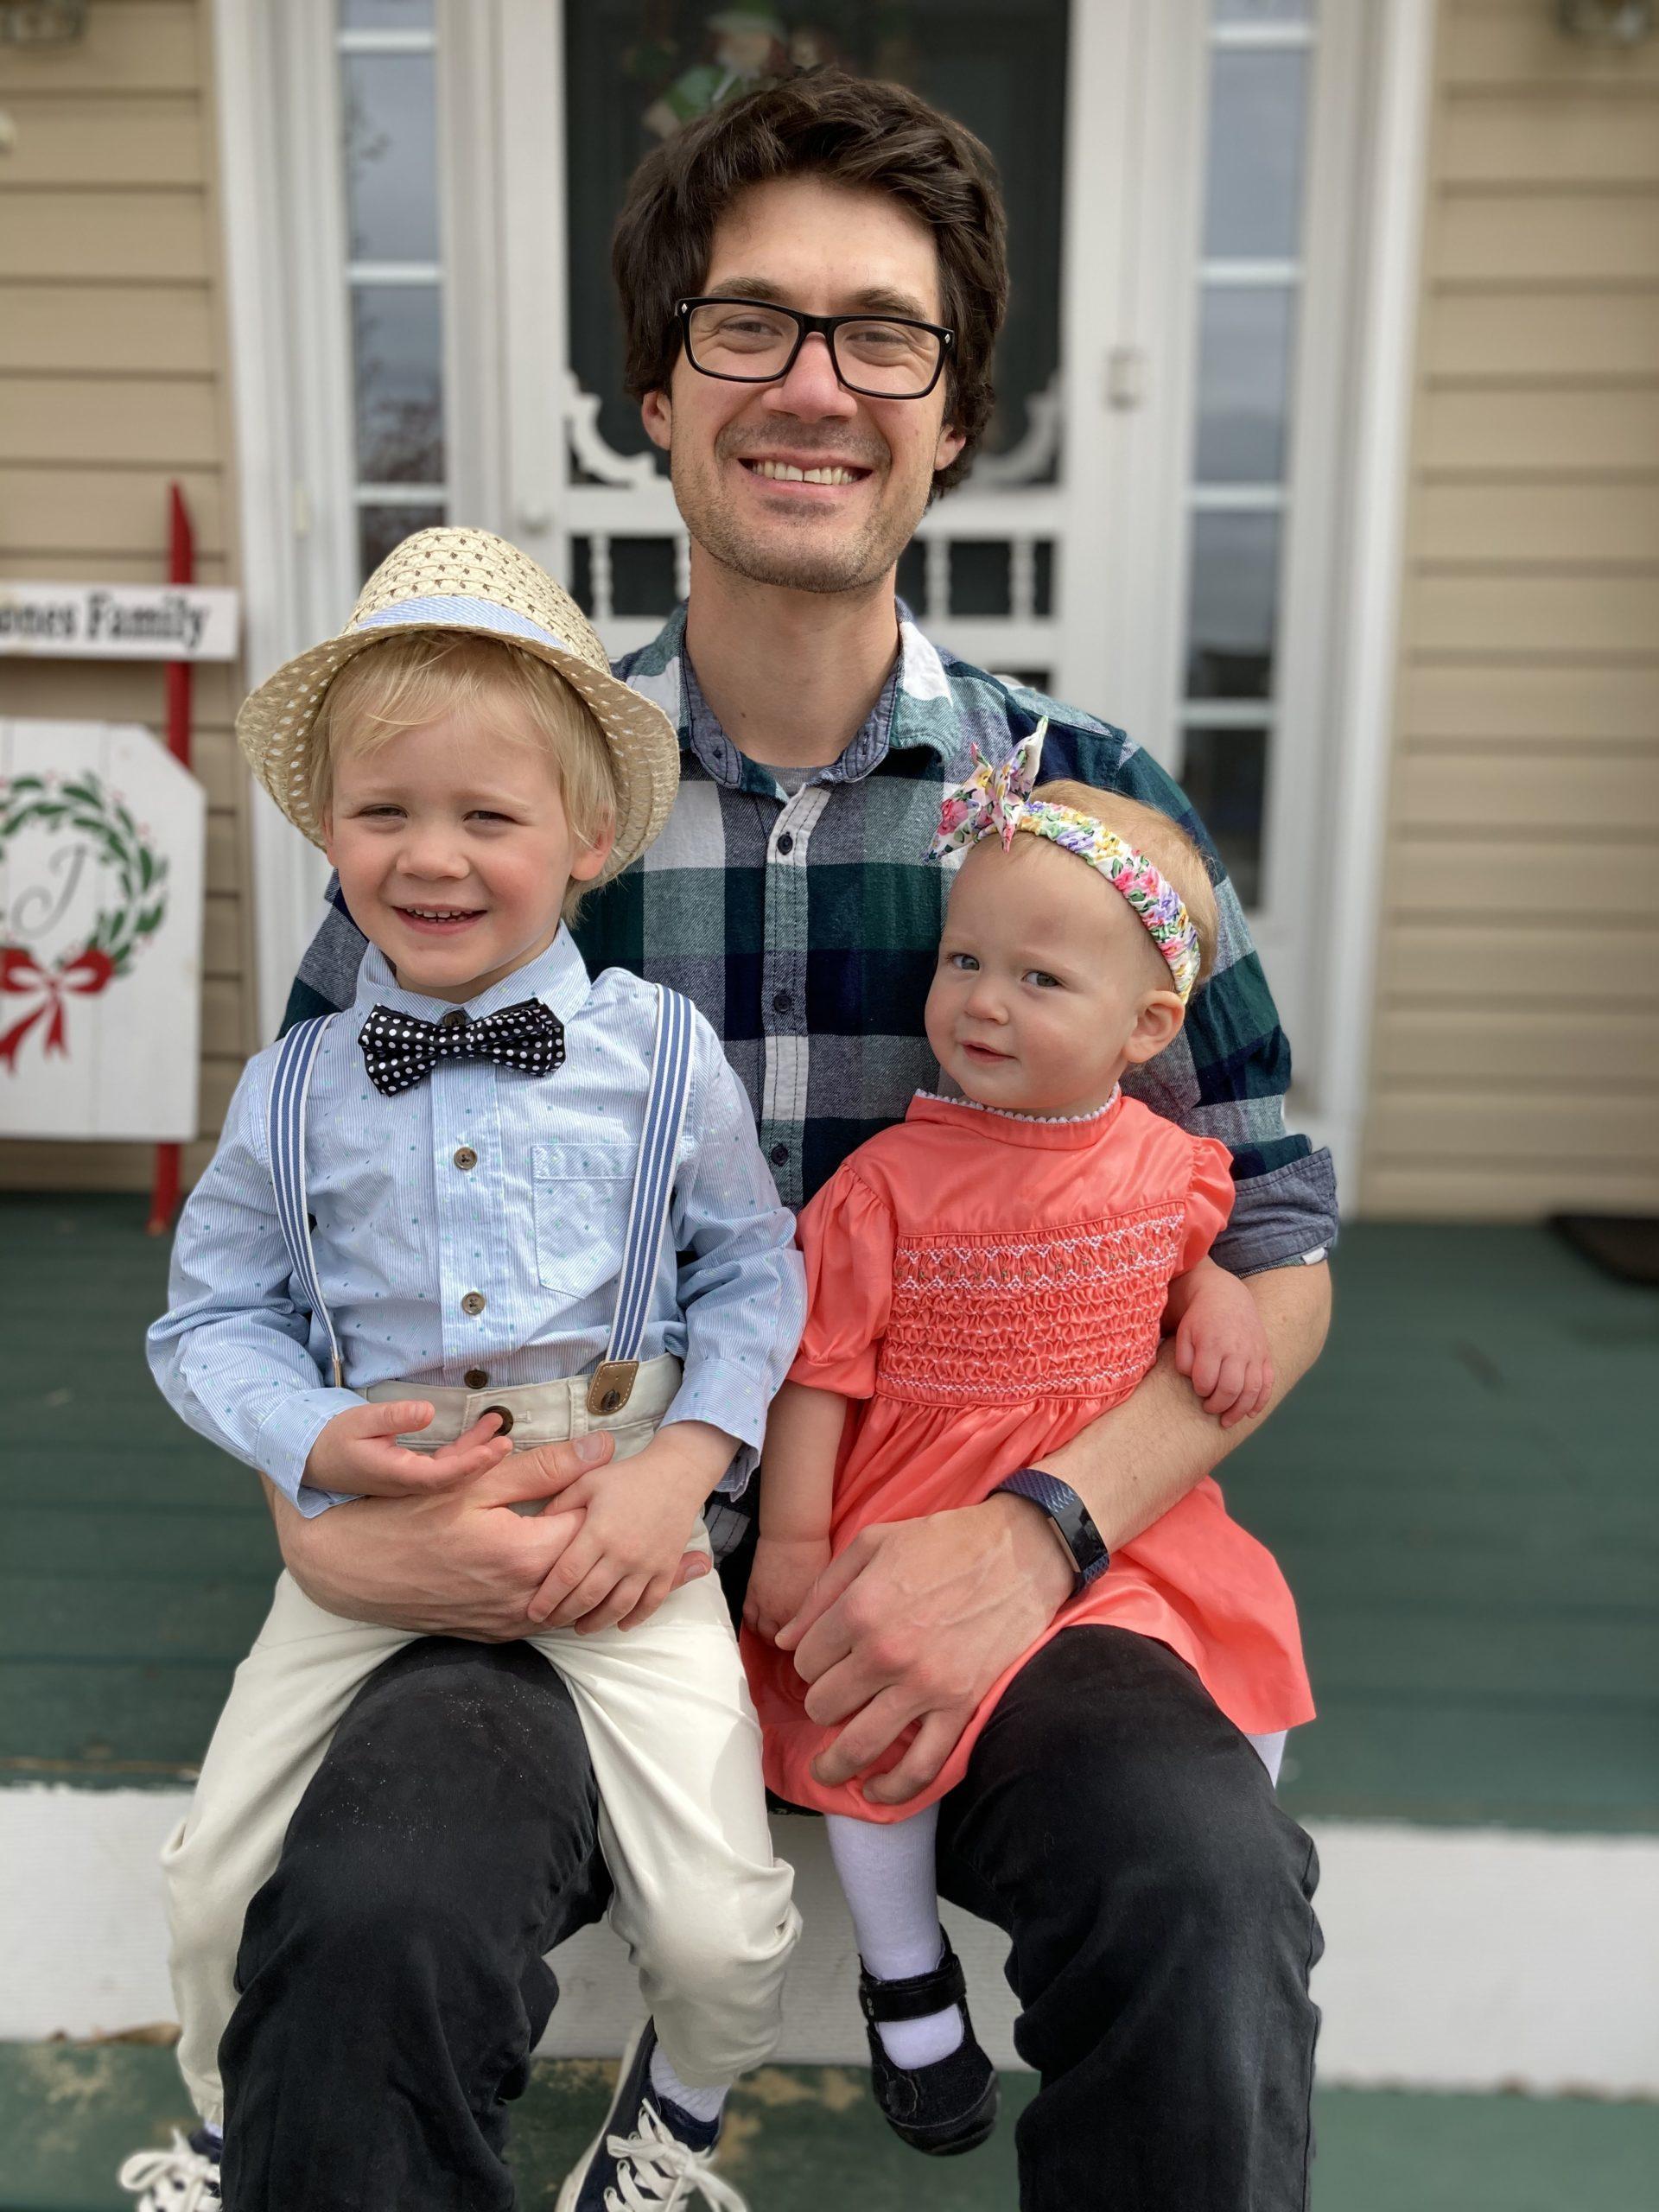 Matt and his kids